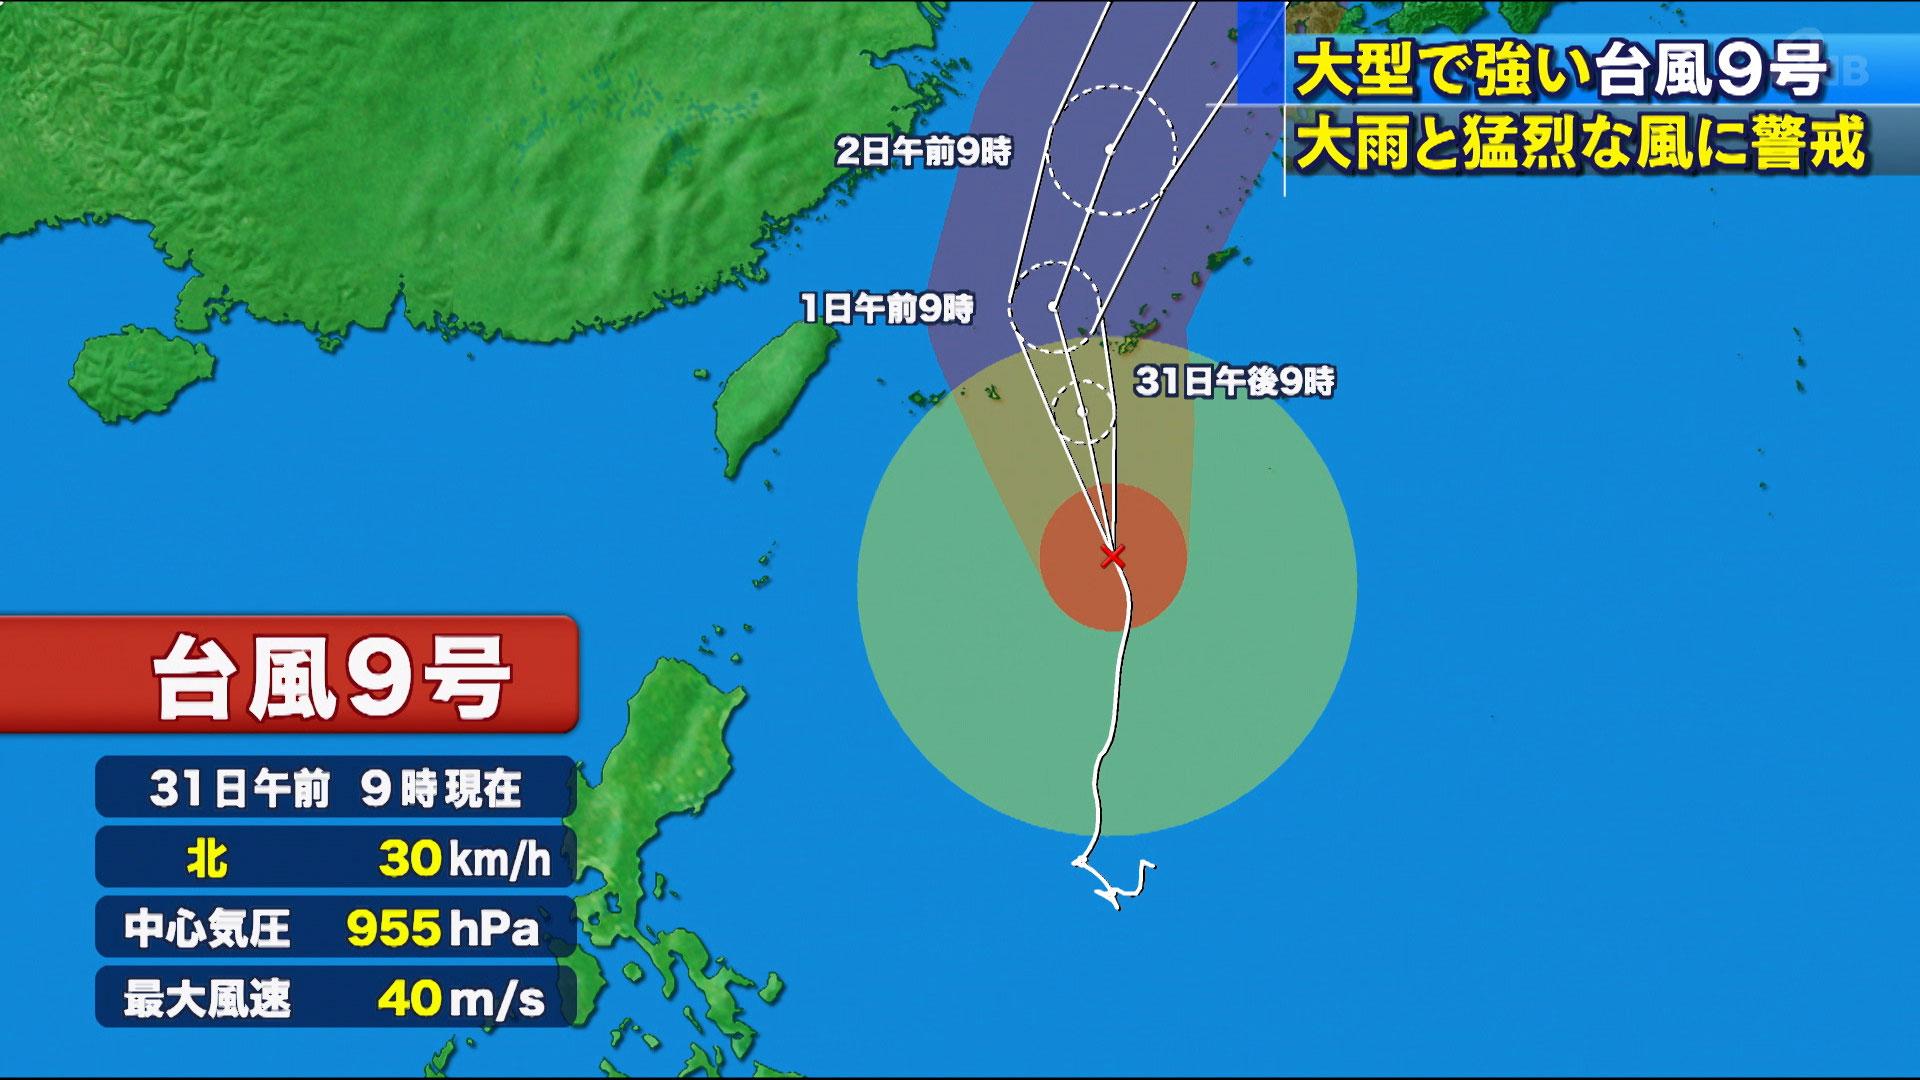 大型で強い台風9号  本島地方で夕方から暴風域に